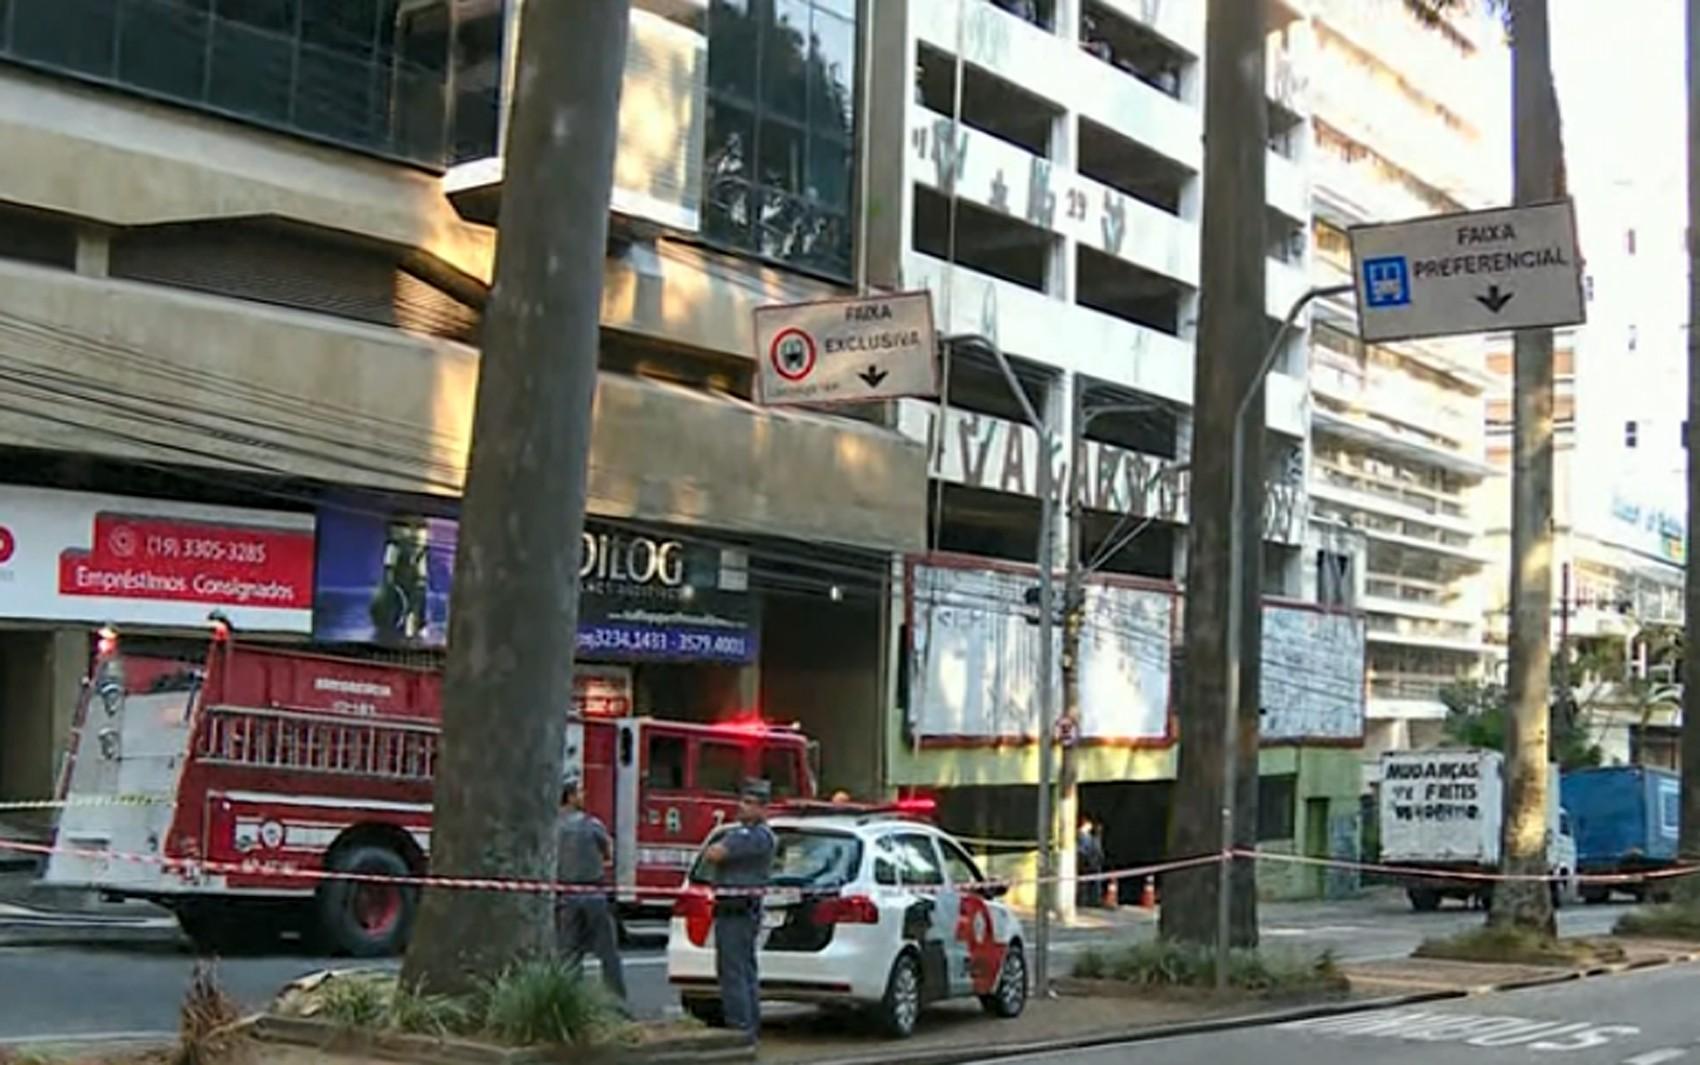 Polícia Militar cumpre reintegração de posse em prédio particular no Centro de Campinas - Notícias - Plantão Diário